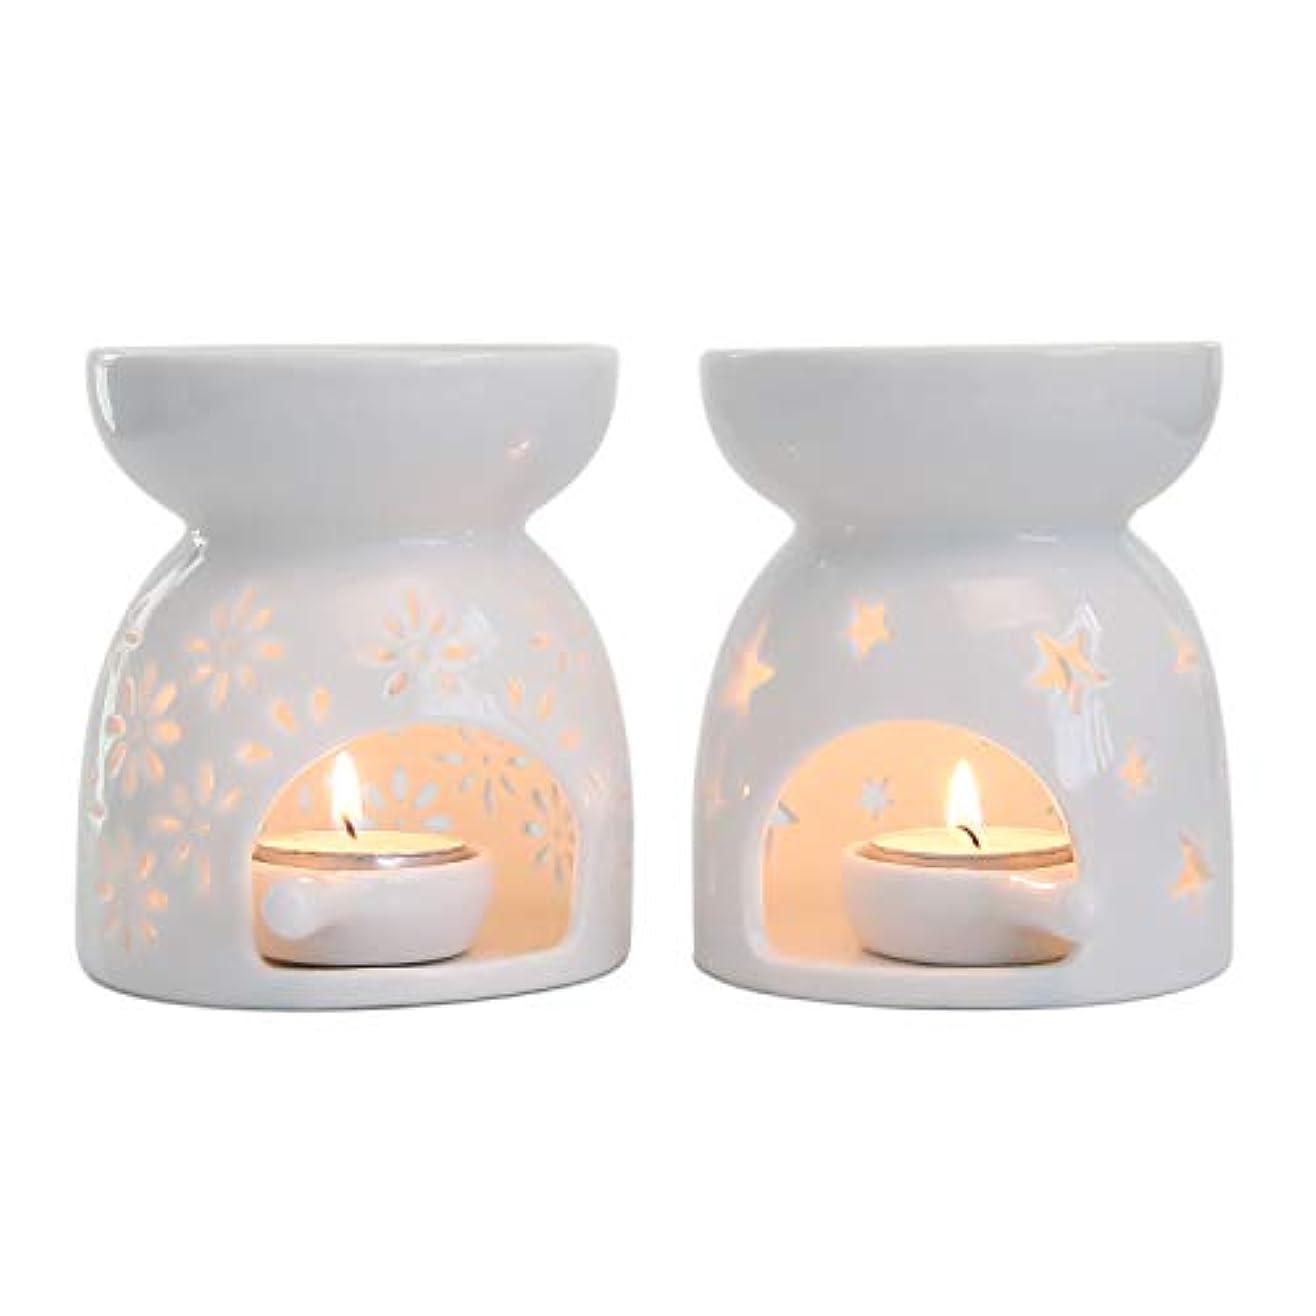 終わり実験的検出器Rachel's Choice 陶製 アロマ ランプ ディフューザー アロマキャンドル キャンドルホルダー 花形&星形 ホワイト 2点セット